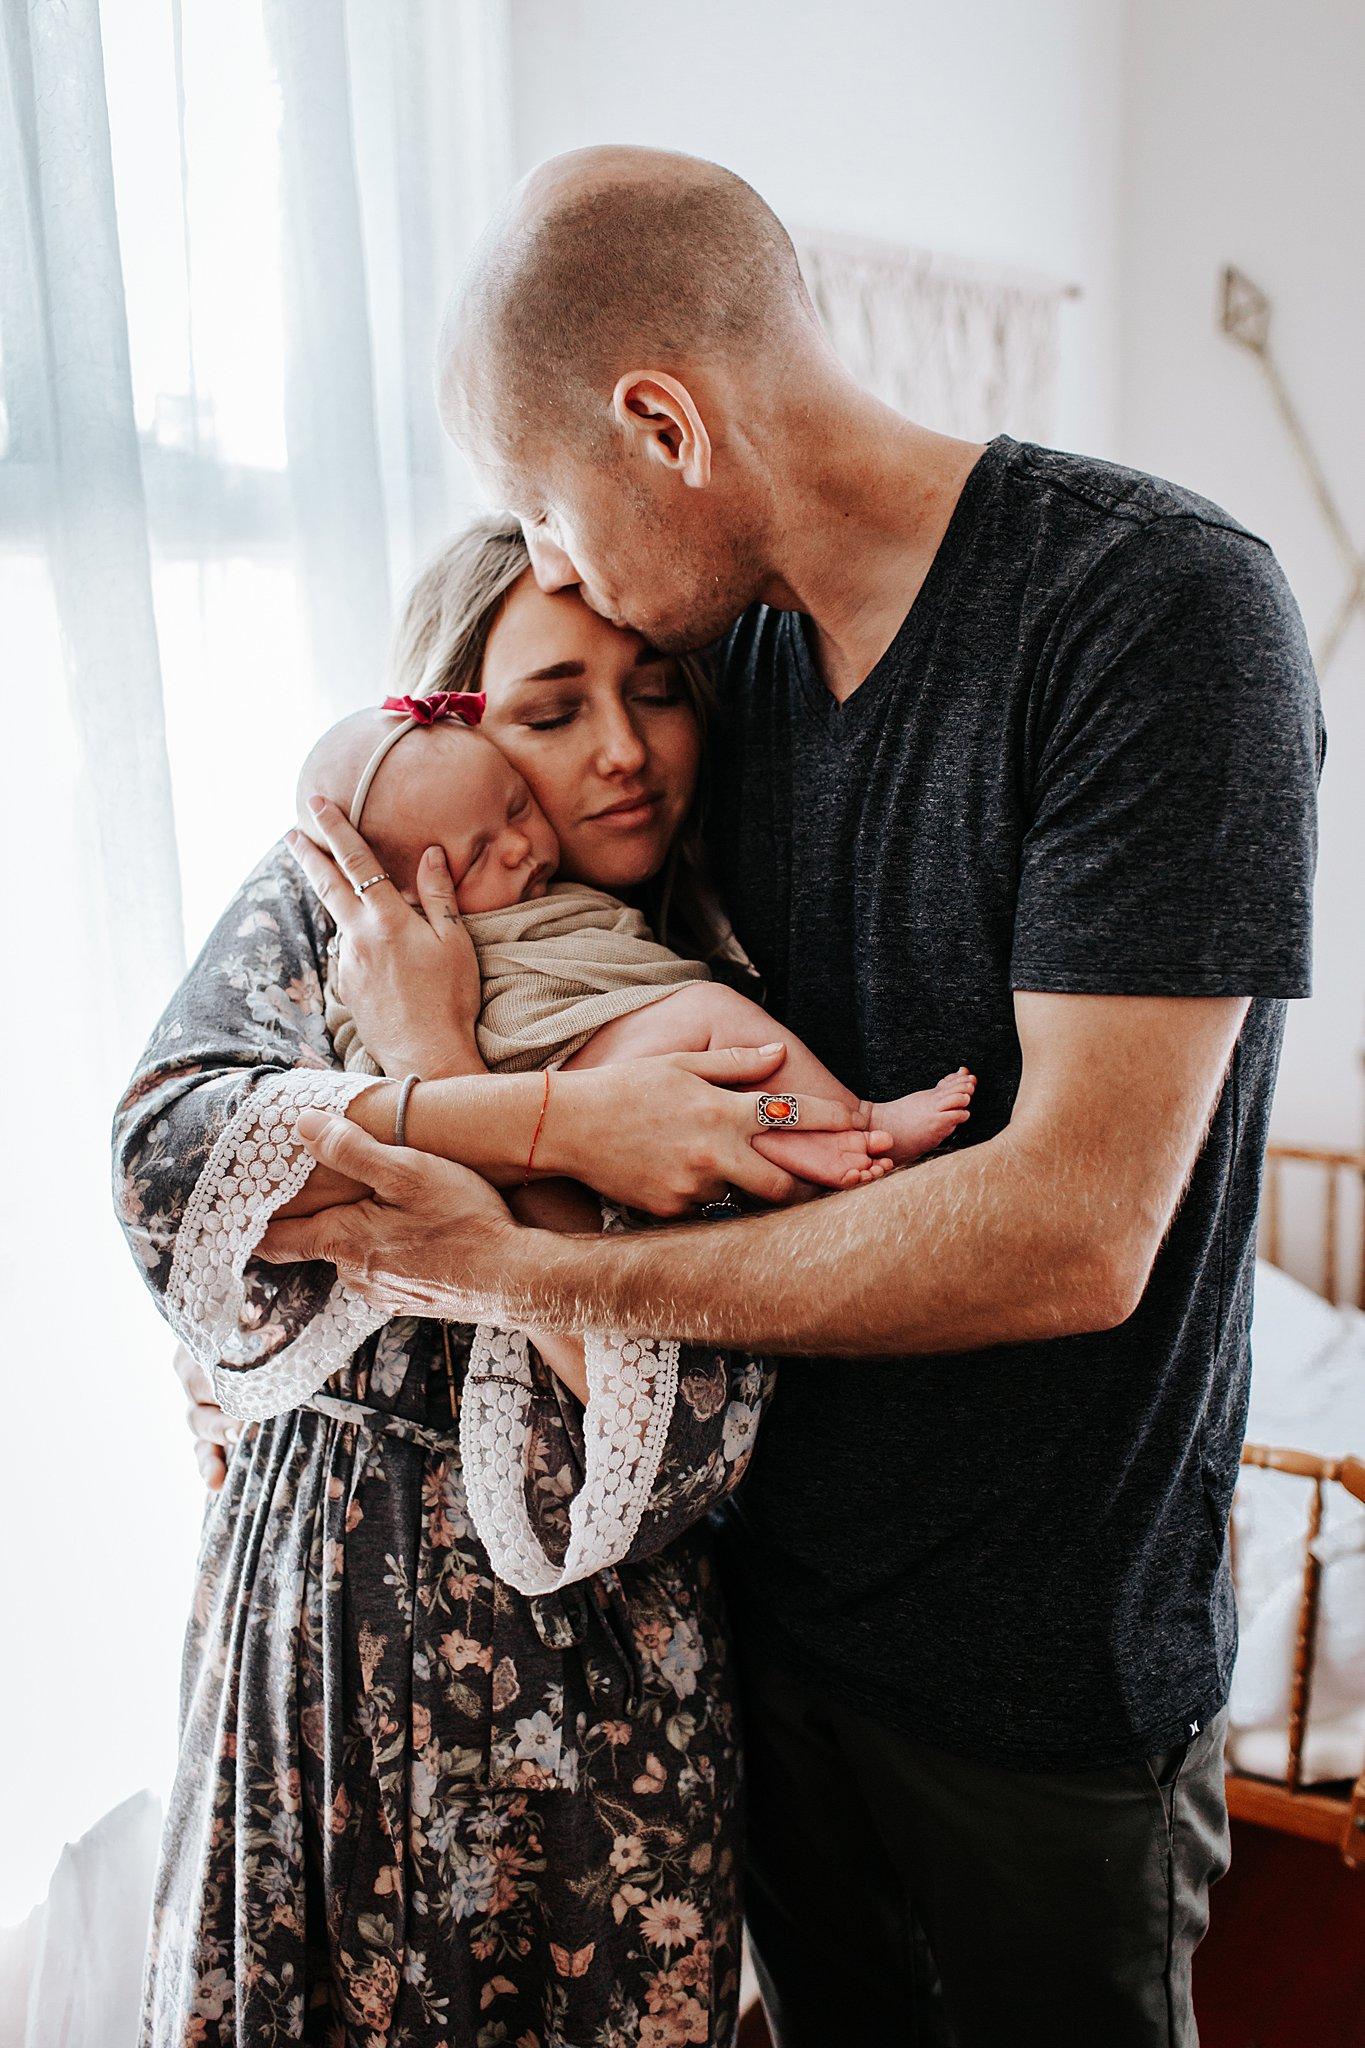 Kora-San-Antonio-Family-Photographer-22_WEB.jpg